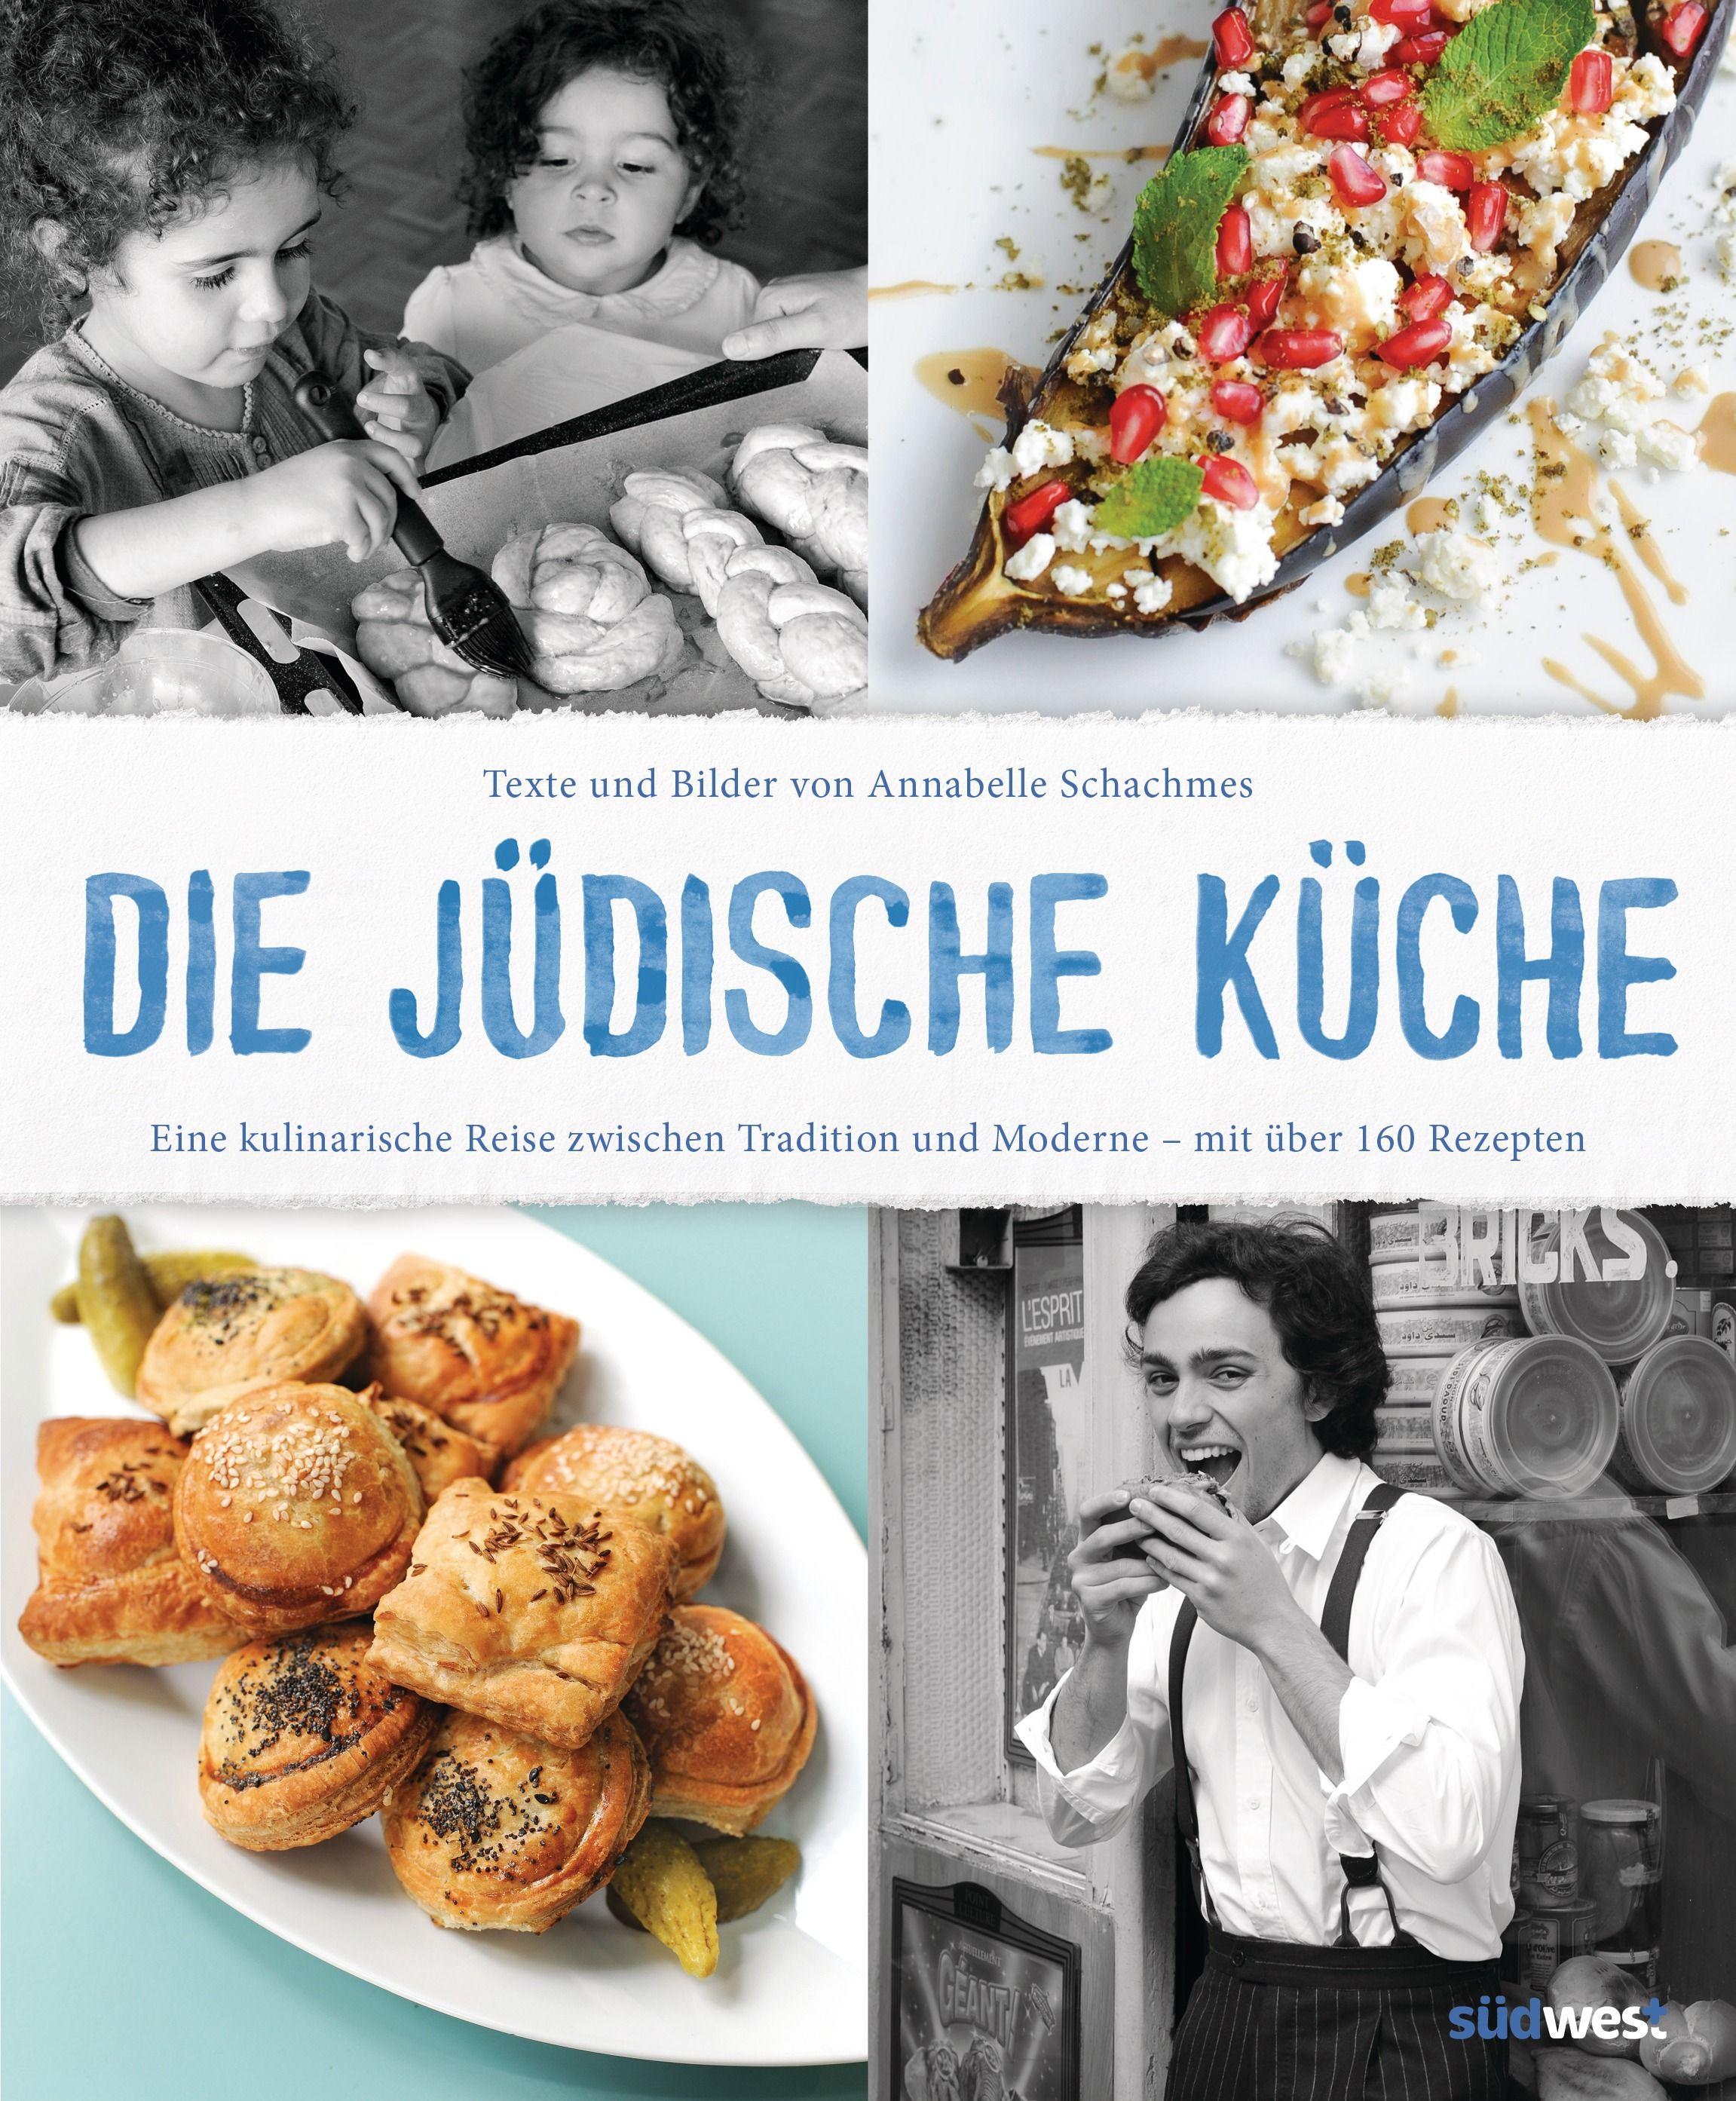 israelische küche: alle bücher und publikation zum thema